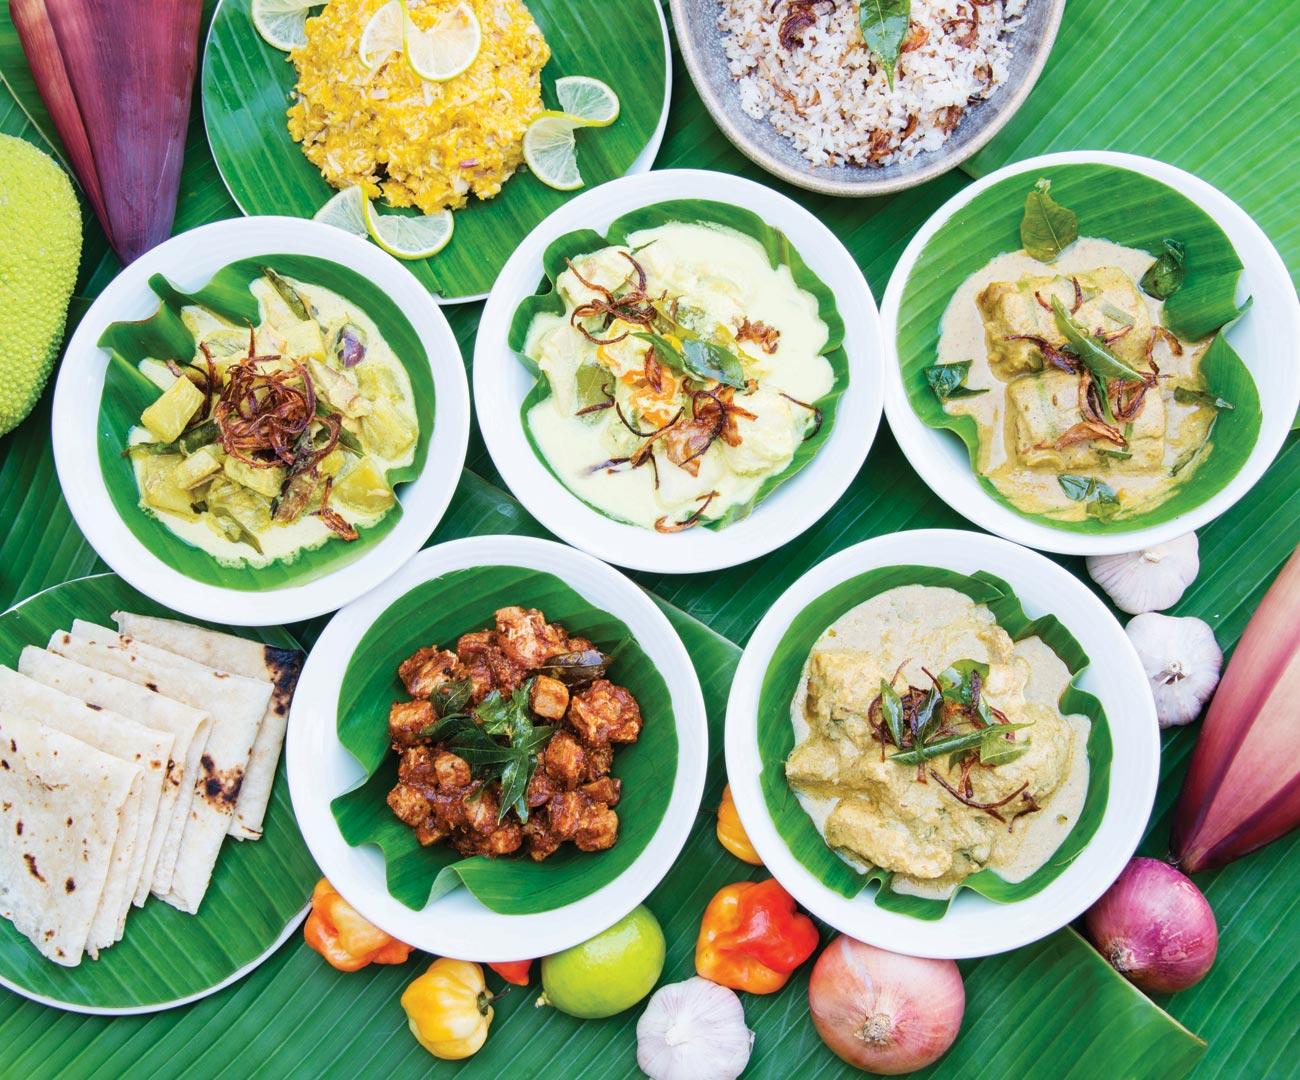 Kurumba Maldives - Maldivian Cooking Demonstration Ingredients Image - Maldives Resorts